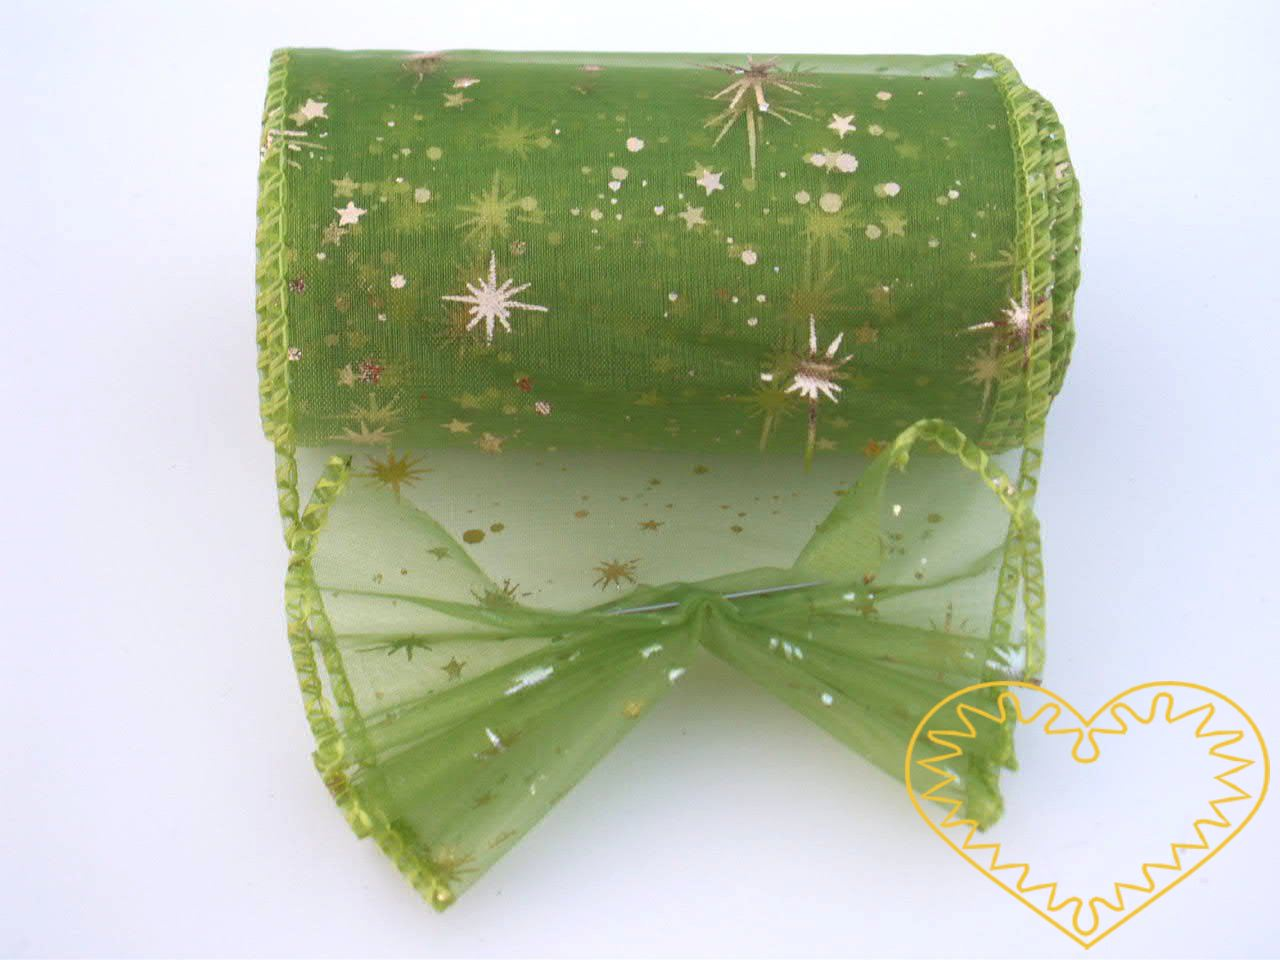 Organza zelená se zlatými hvězdičkami - šíře 10 cm, délka 9,14 m, z obou stran obroubená. Organza má široké využítí - k dekoračním účelům, k šití, do květinových aranžmá, pro výzdobu slavnostní tabule, k balení dárků, jako mašle, na výrobu broží i da